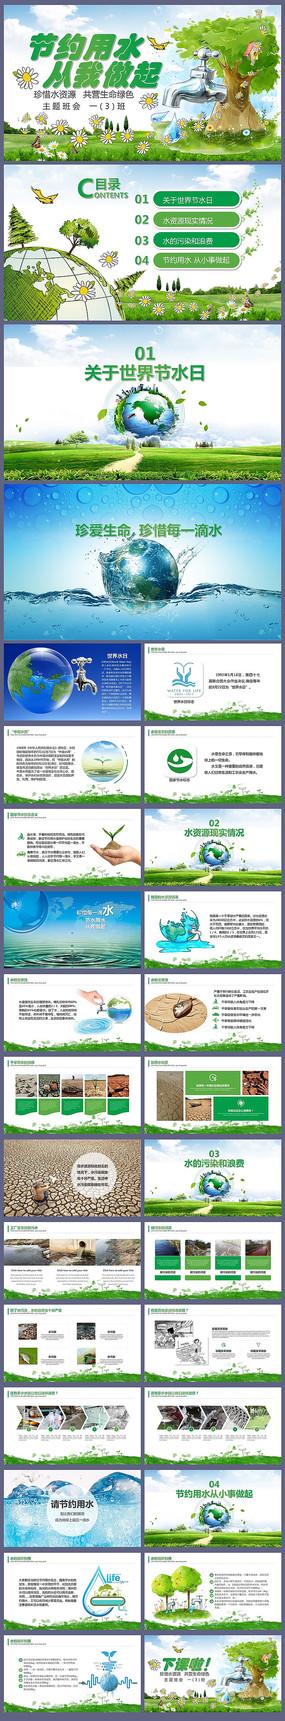 世界水日环保主题班会PPT